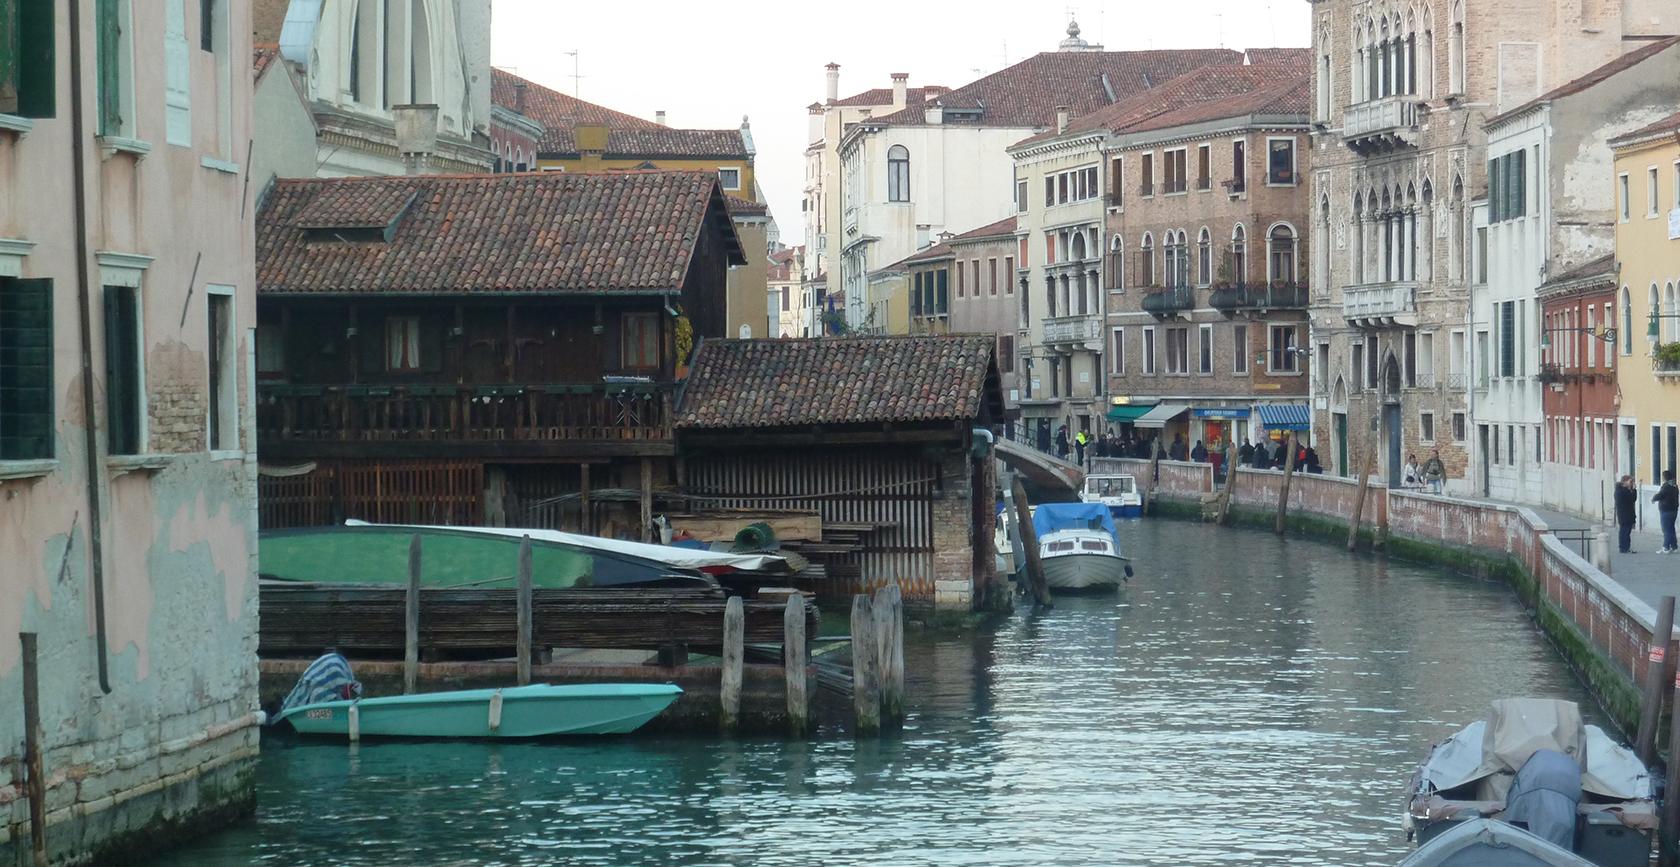 Aqua - Carneval in Venedig